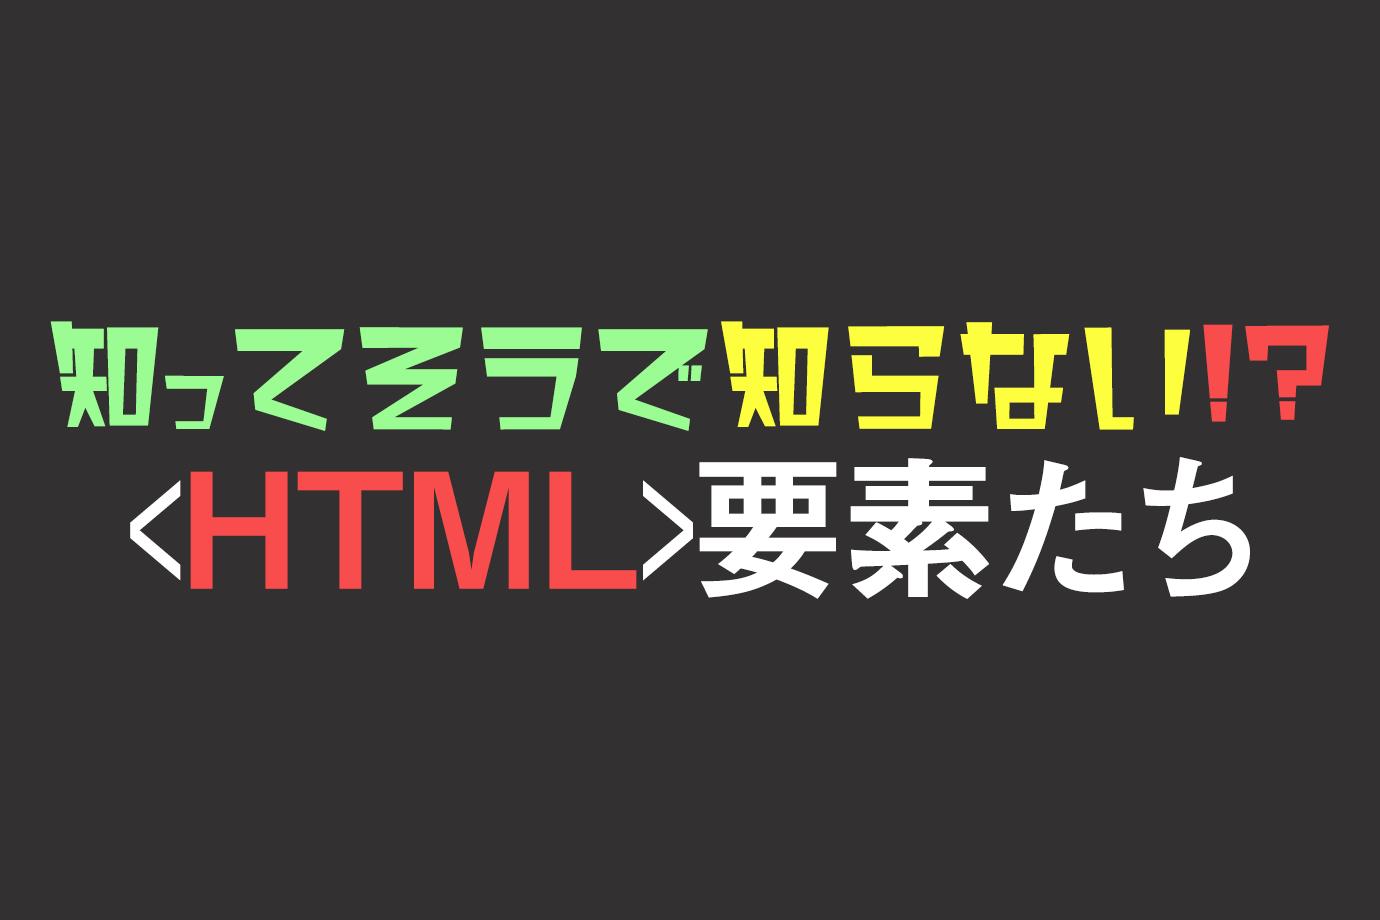 知ってそうで知らない!?HTML要素たち